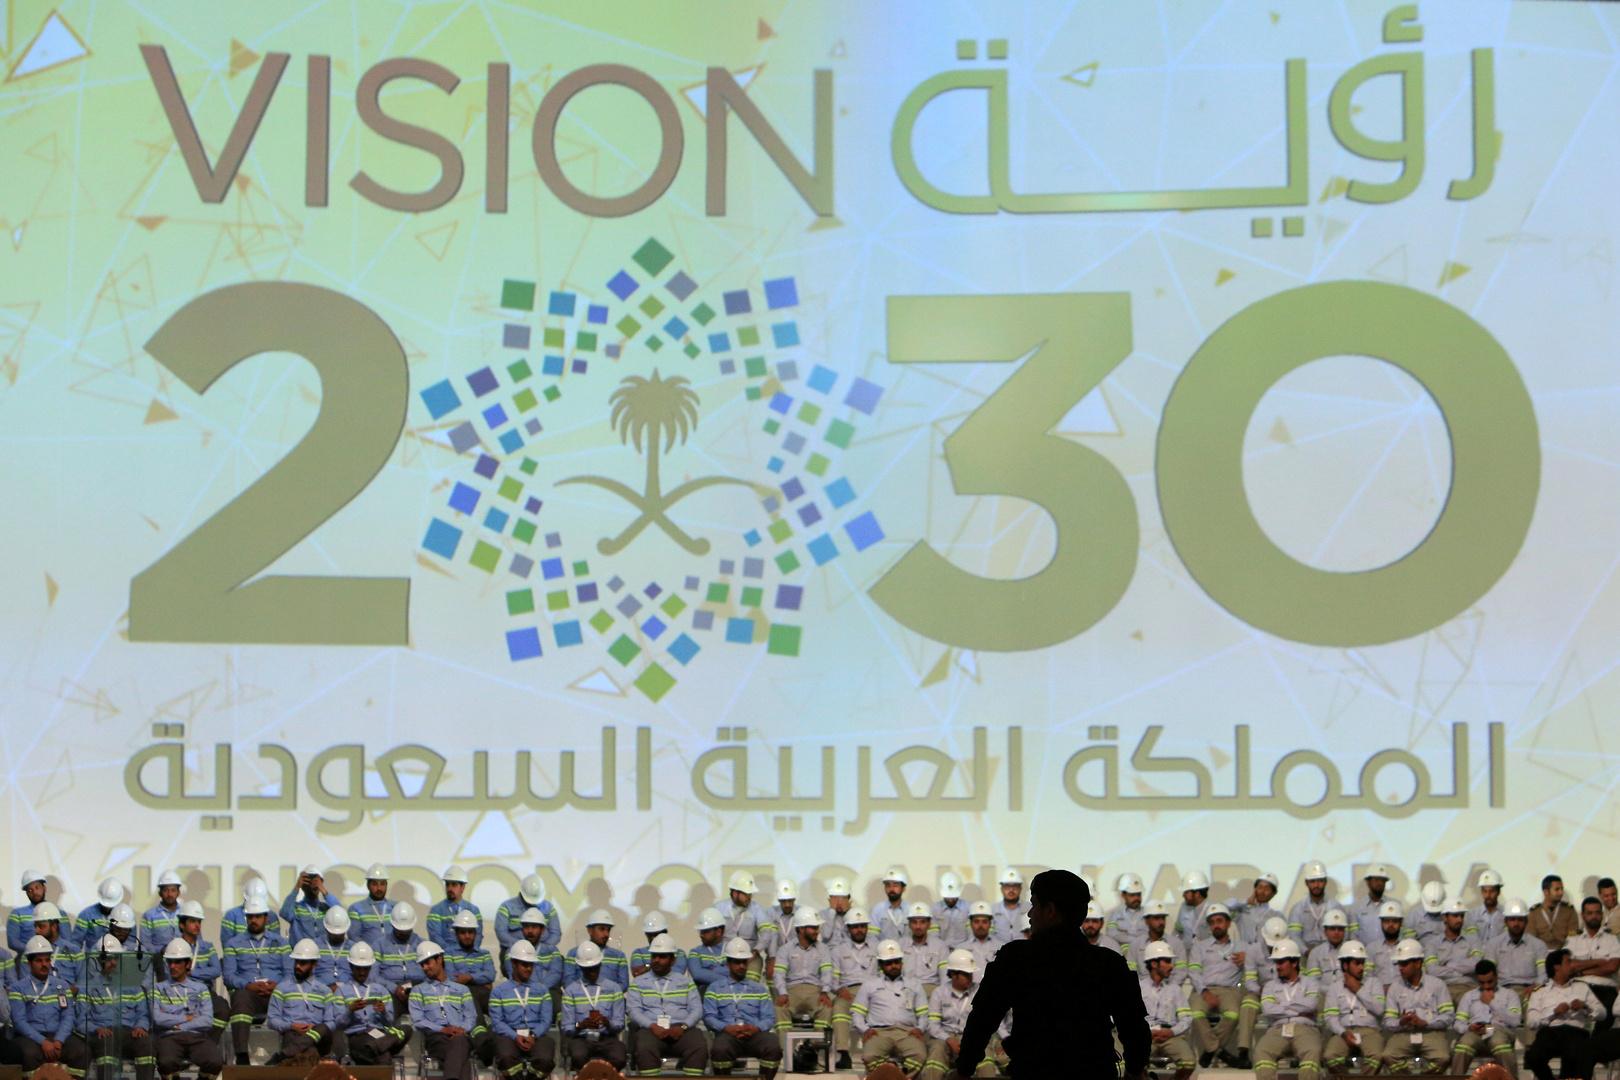 ولي العهد السعودي: إجمالي استثمارات برنامج الشراكة الجديدة 12 تريليون ريال حتى 2030